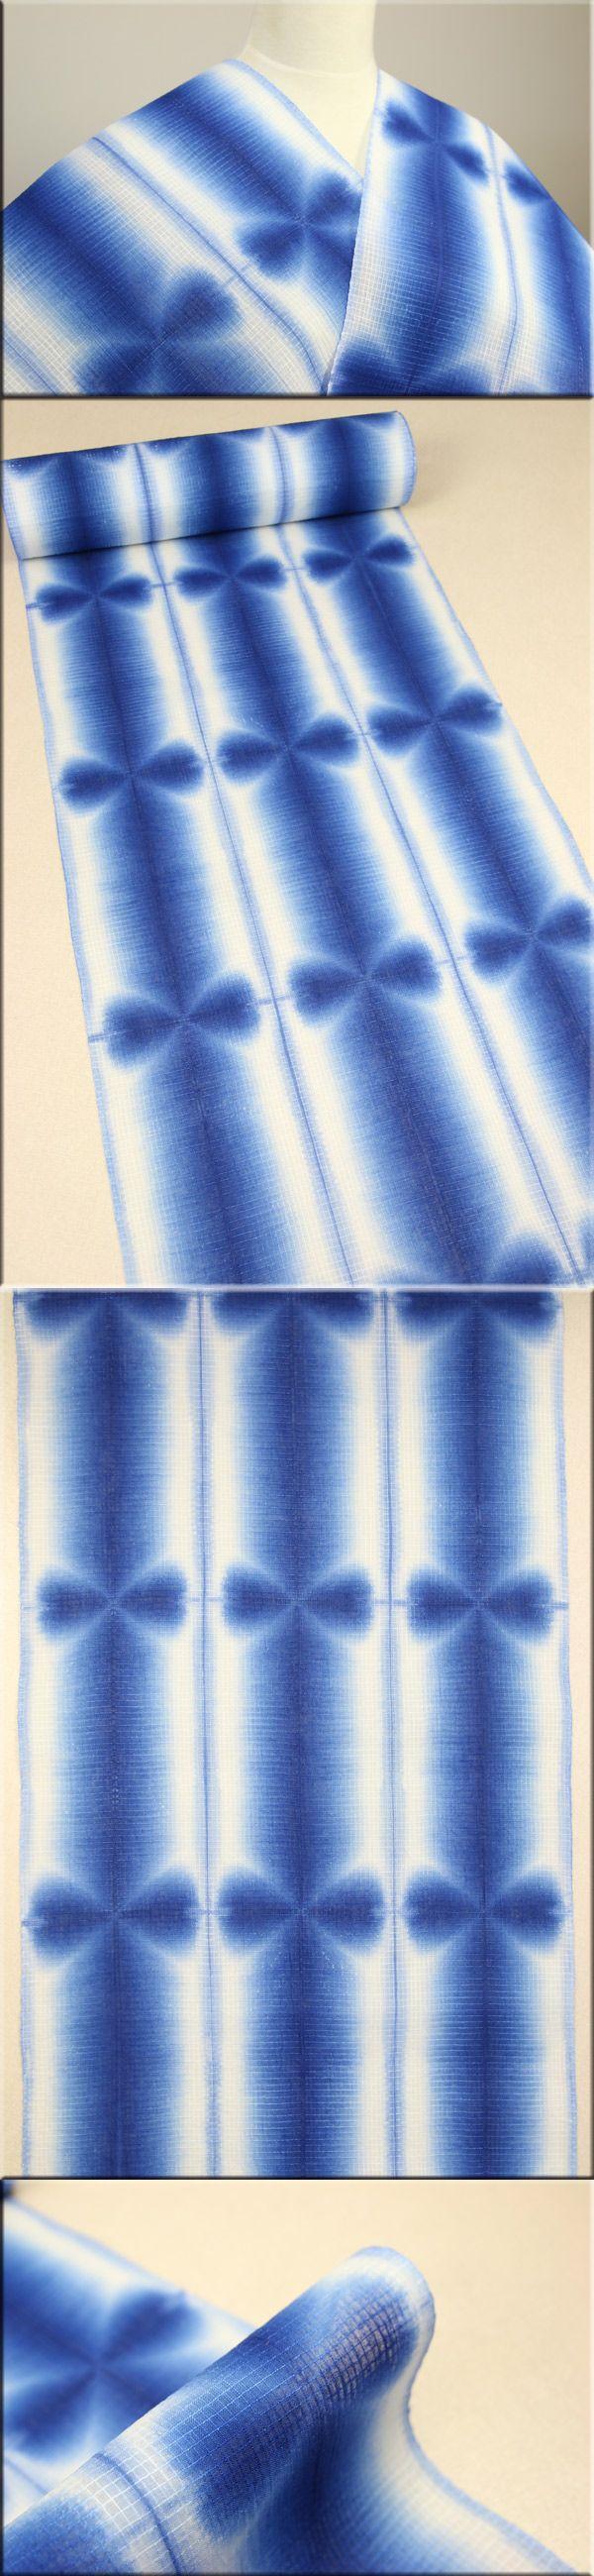 雪花リボン浴衣(ゆかた) オーダー仕立て付き 藤井絞謹製 板締め雪花絞 紺